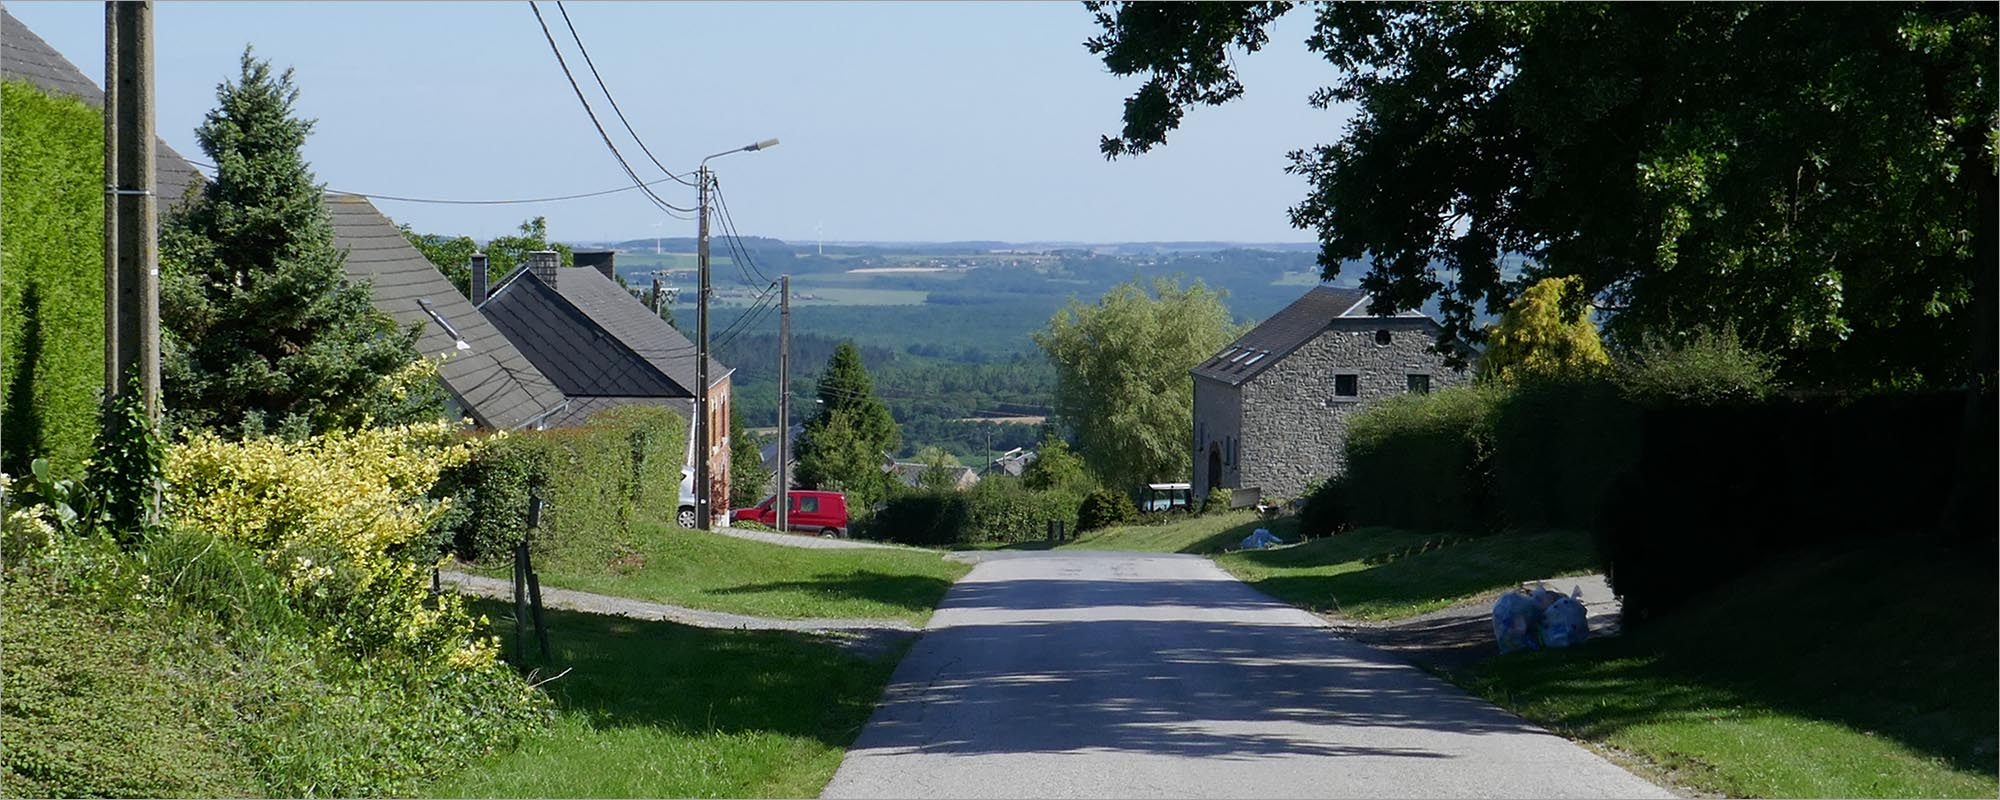 Condroz, fietsen in de Ardennen